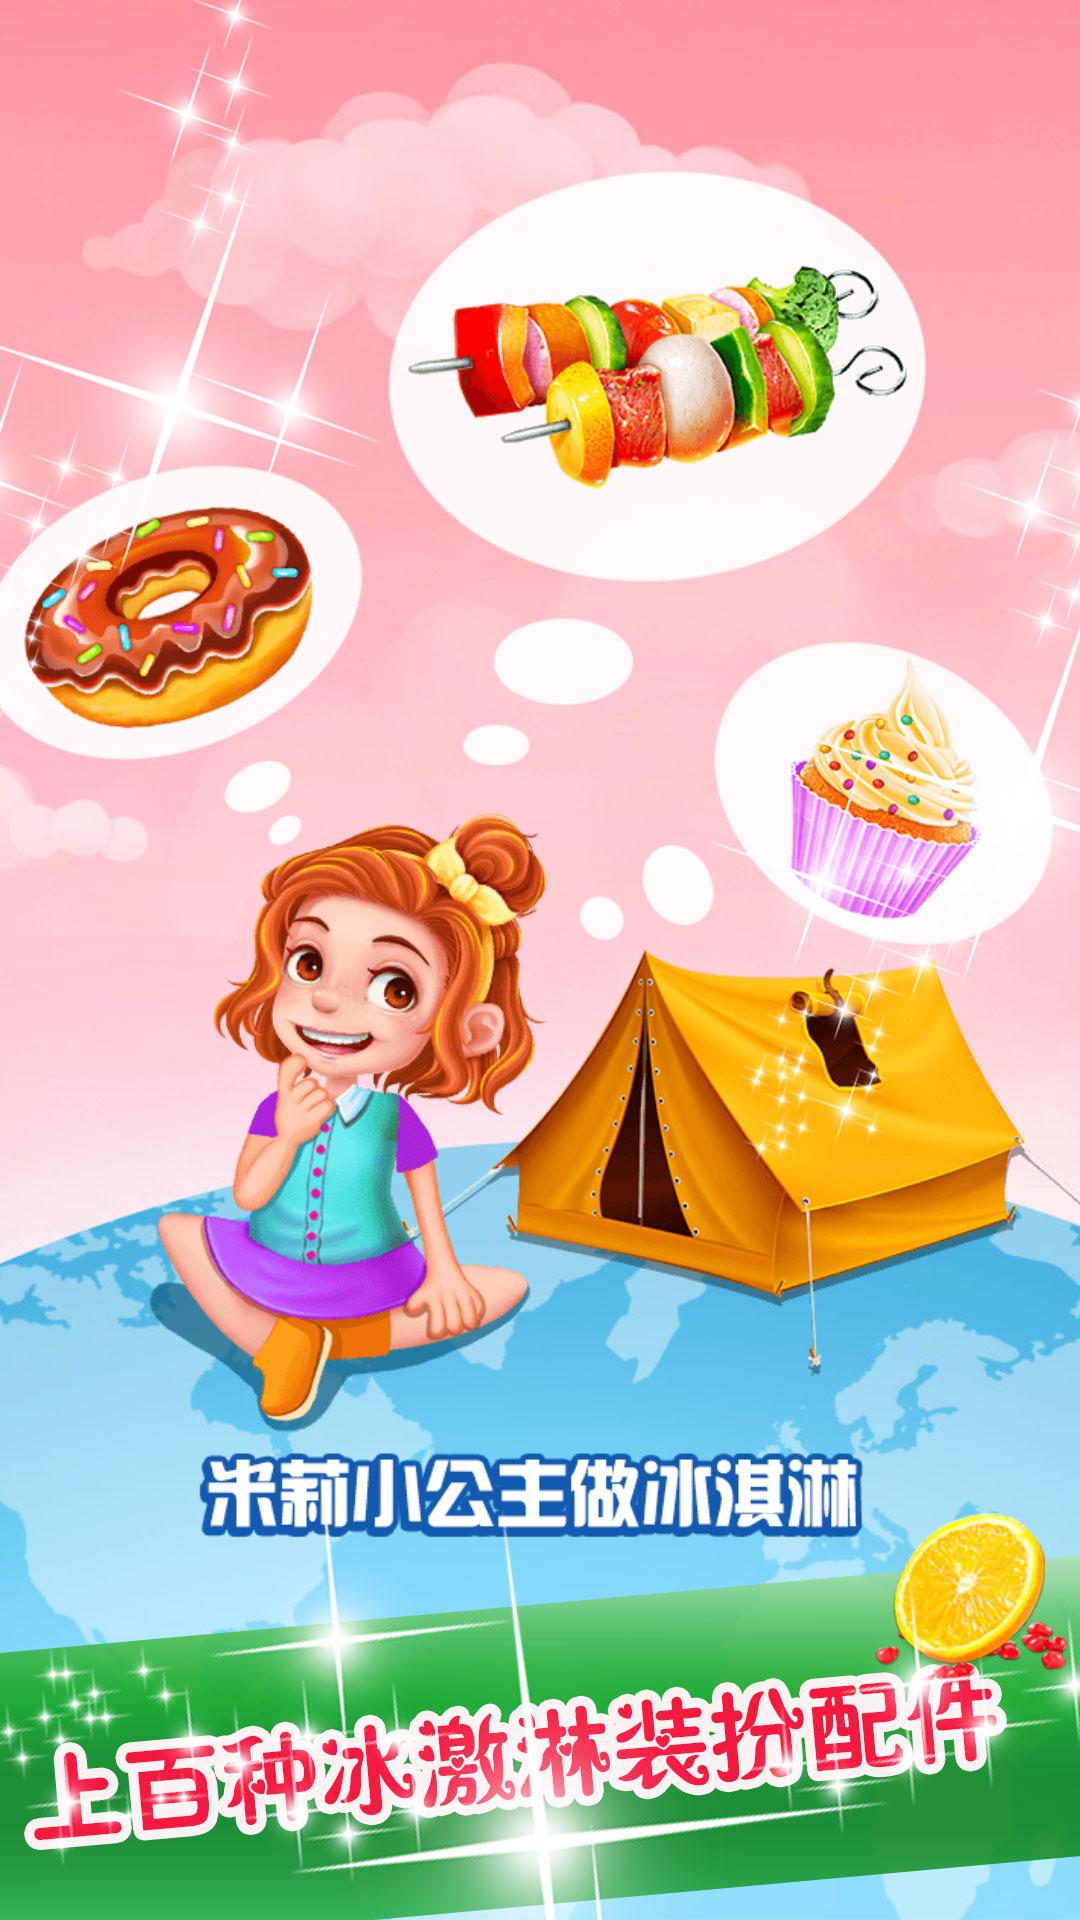 米莉小公主做冰淇淋|米莉小公主做冰淇淋精简版下载 3.8 - (图2)